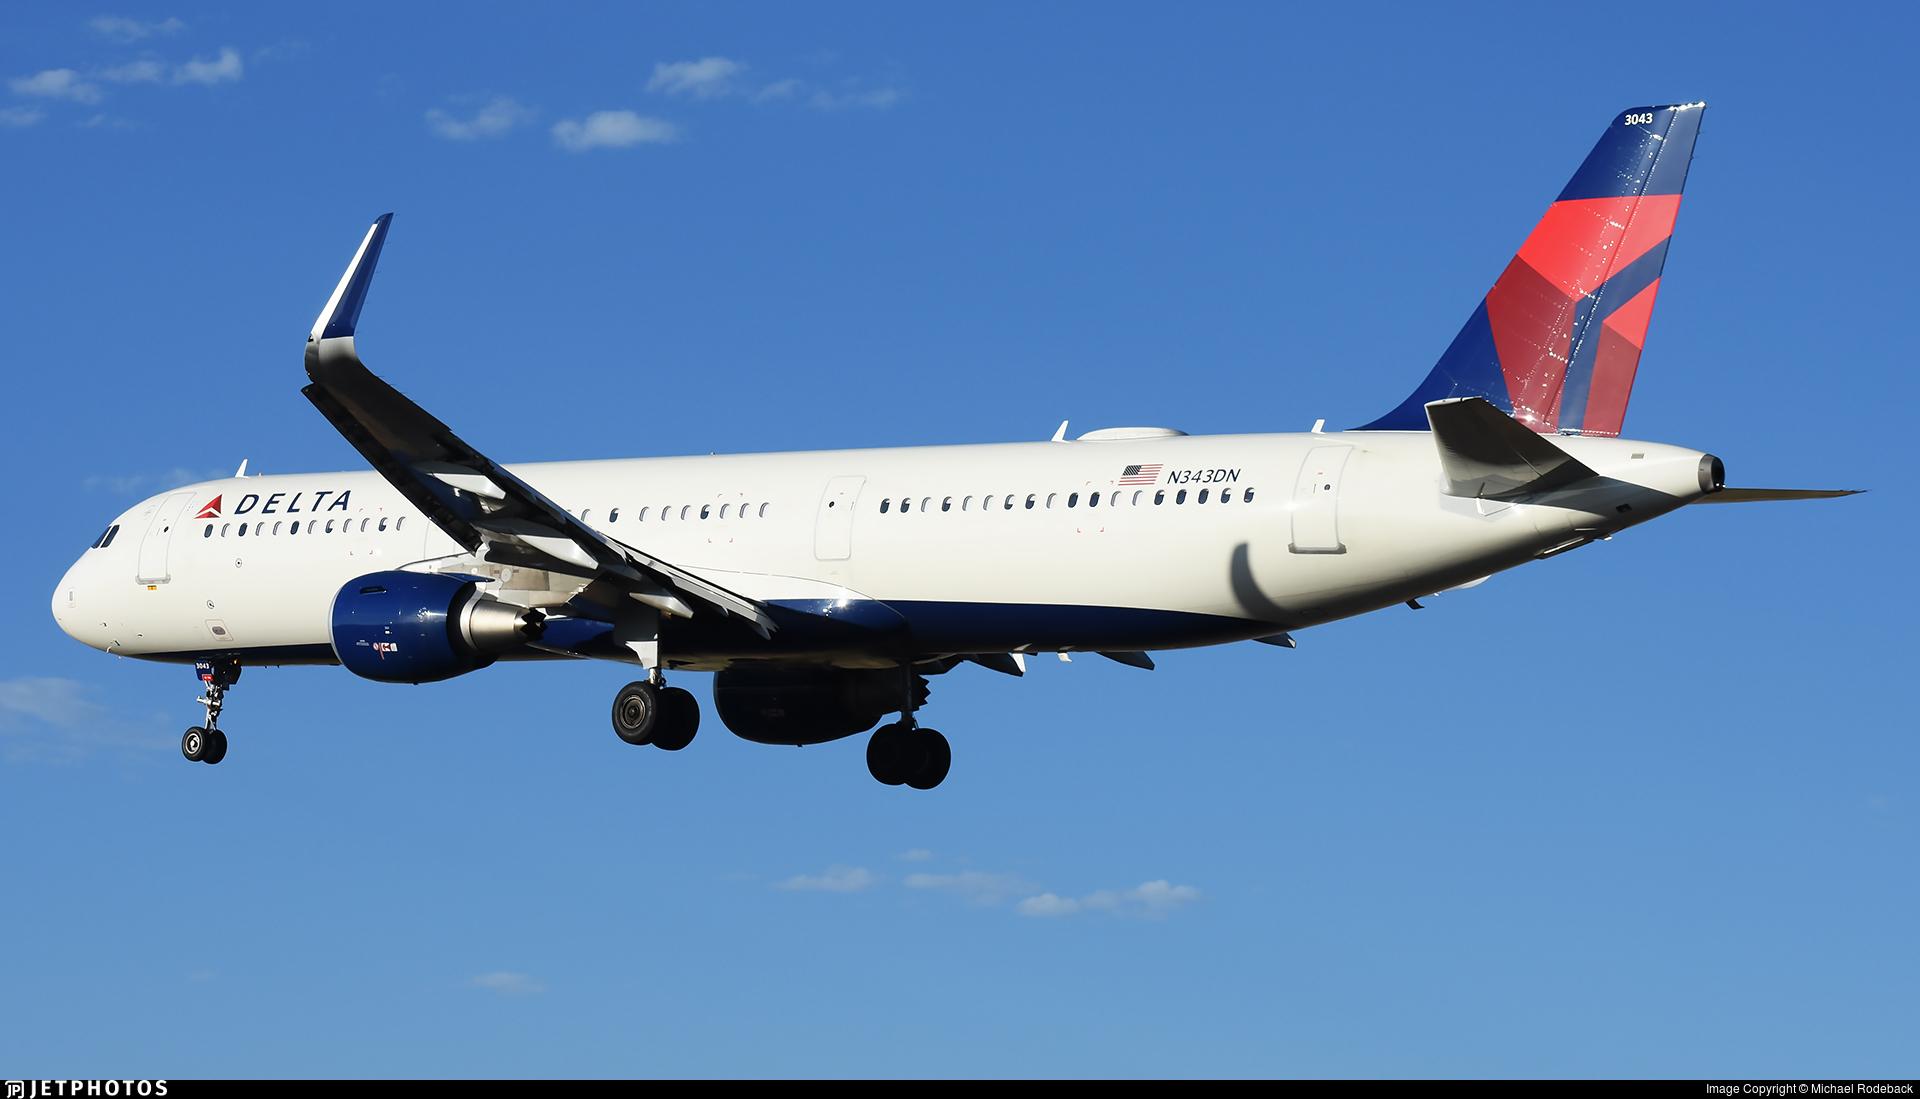 N343DN - Airbus A321-211 - Delta Air Lines